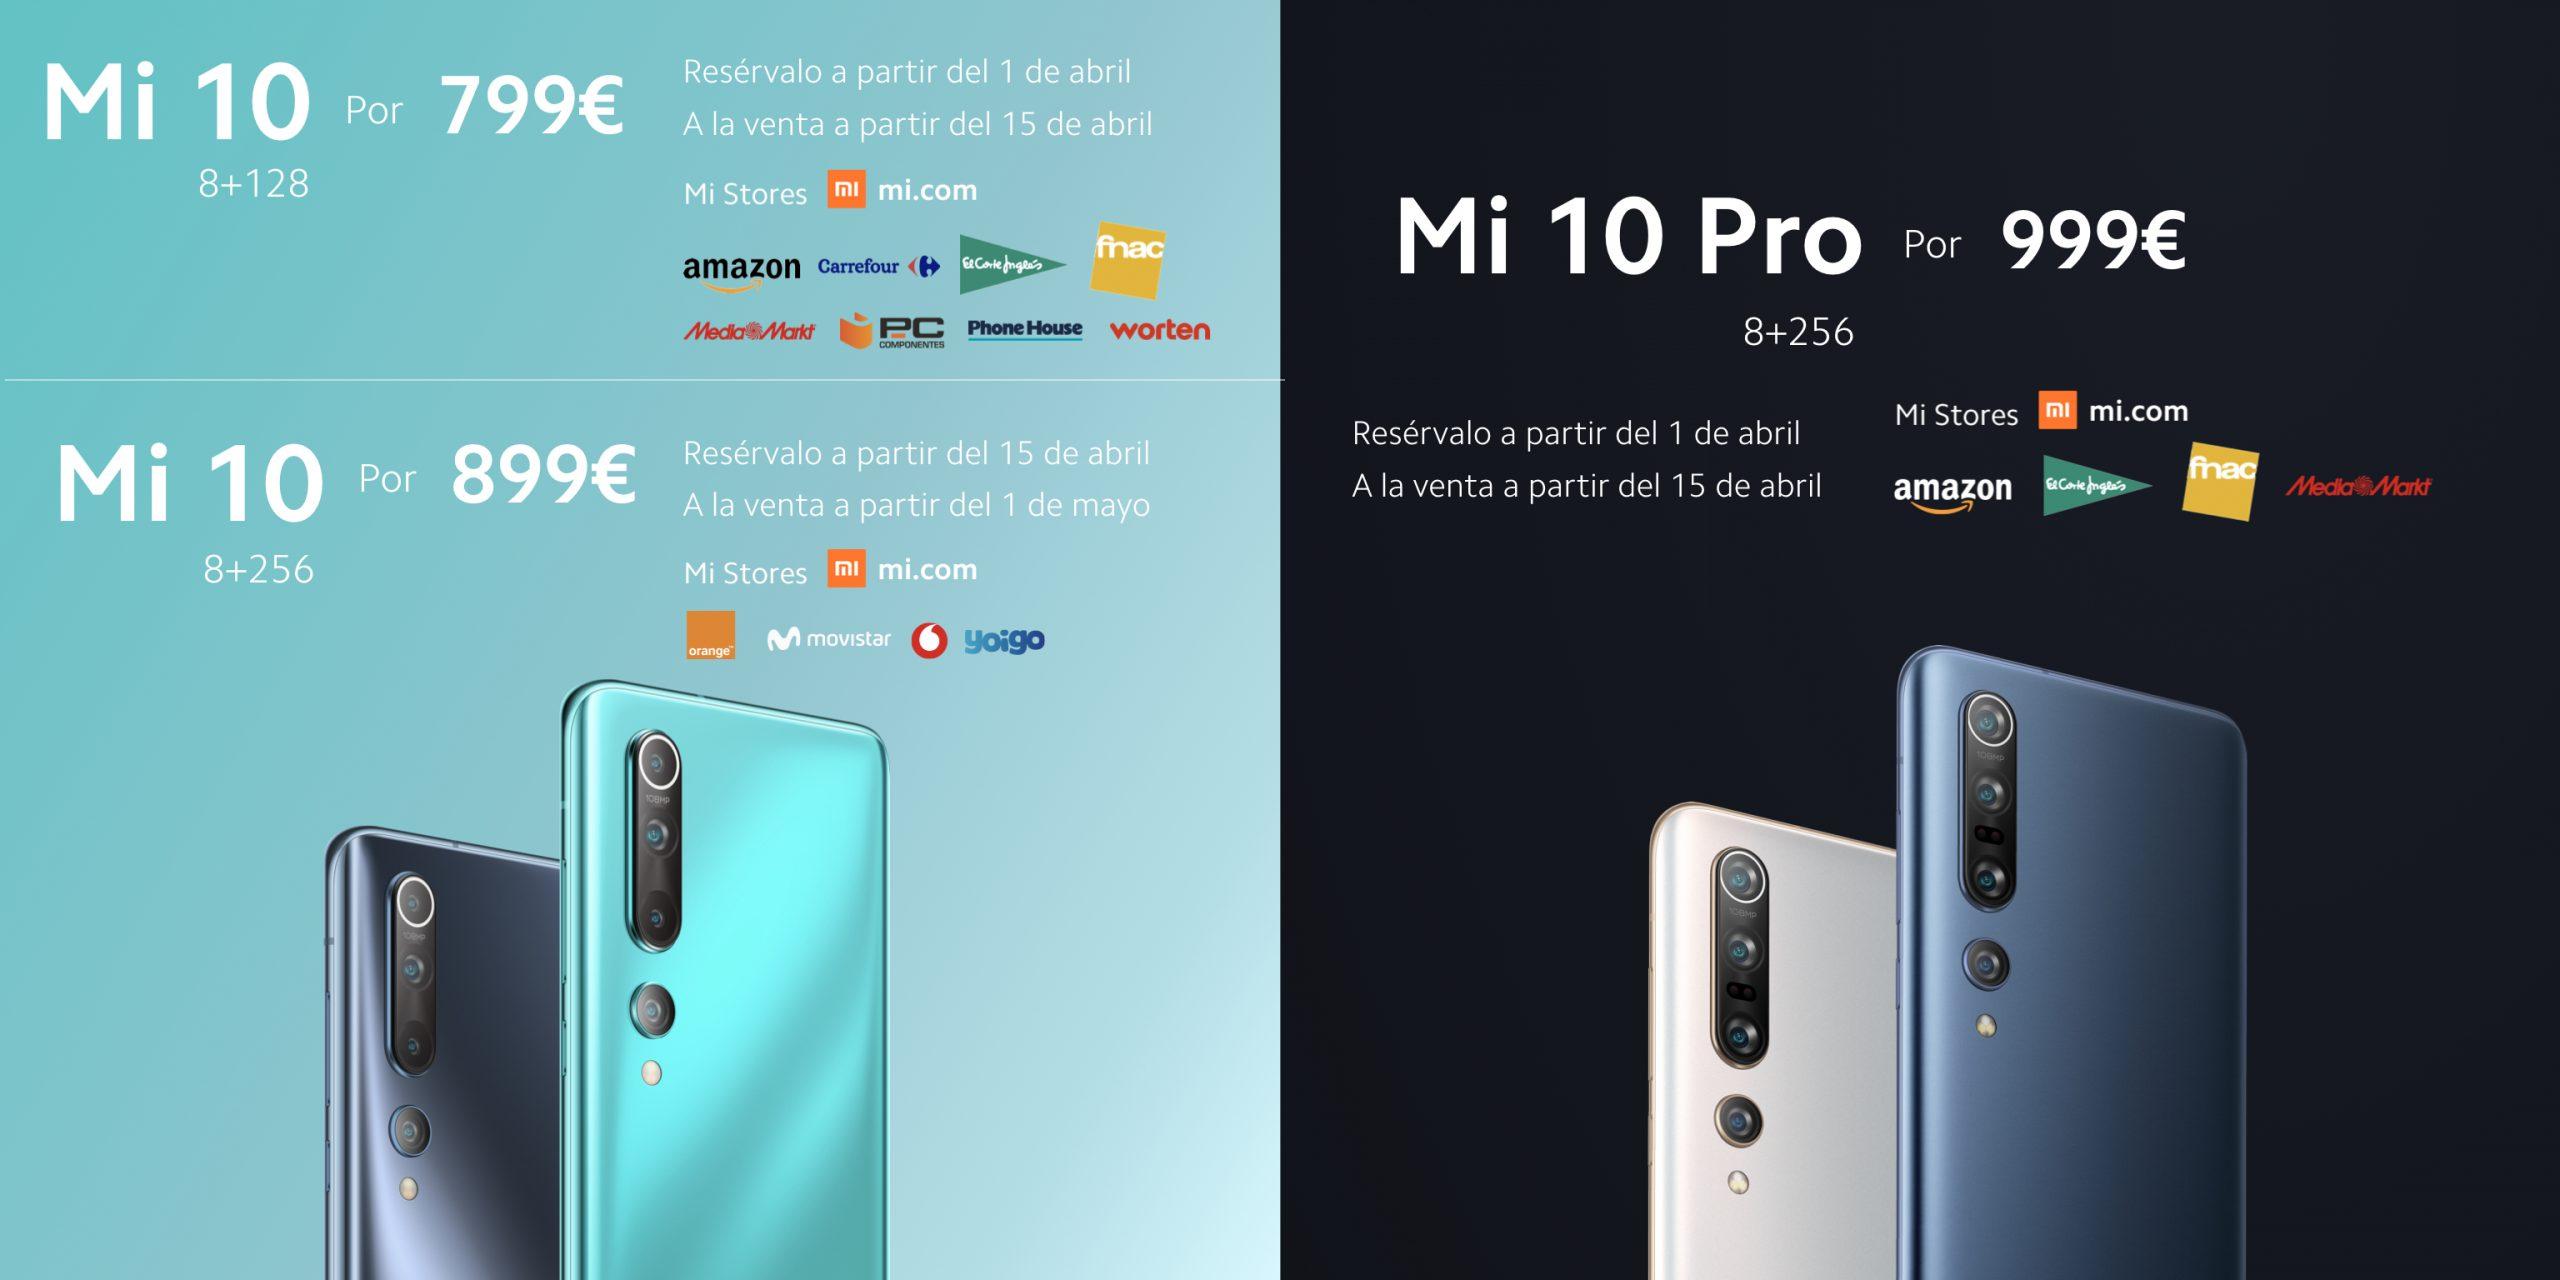 La versión Global de los Xiaomi Mi 10 y Mi 10 Pro ya es oficial y además llega junto a un nuevo Xiaomi Mi 10 Lite. Noticias Xiaomi Adictos